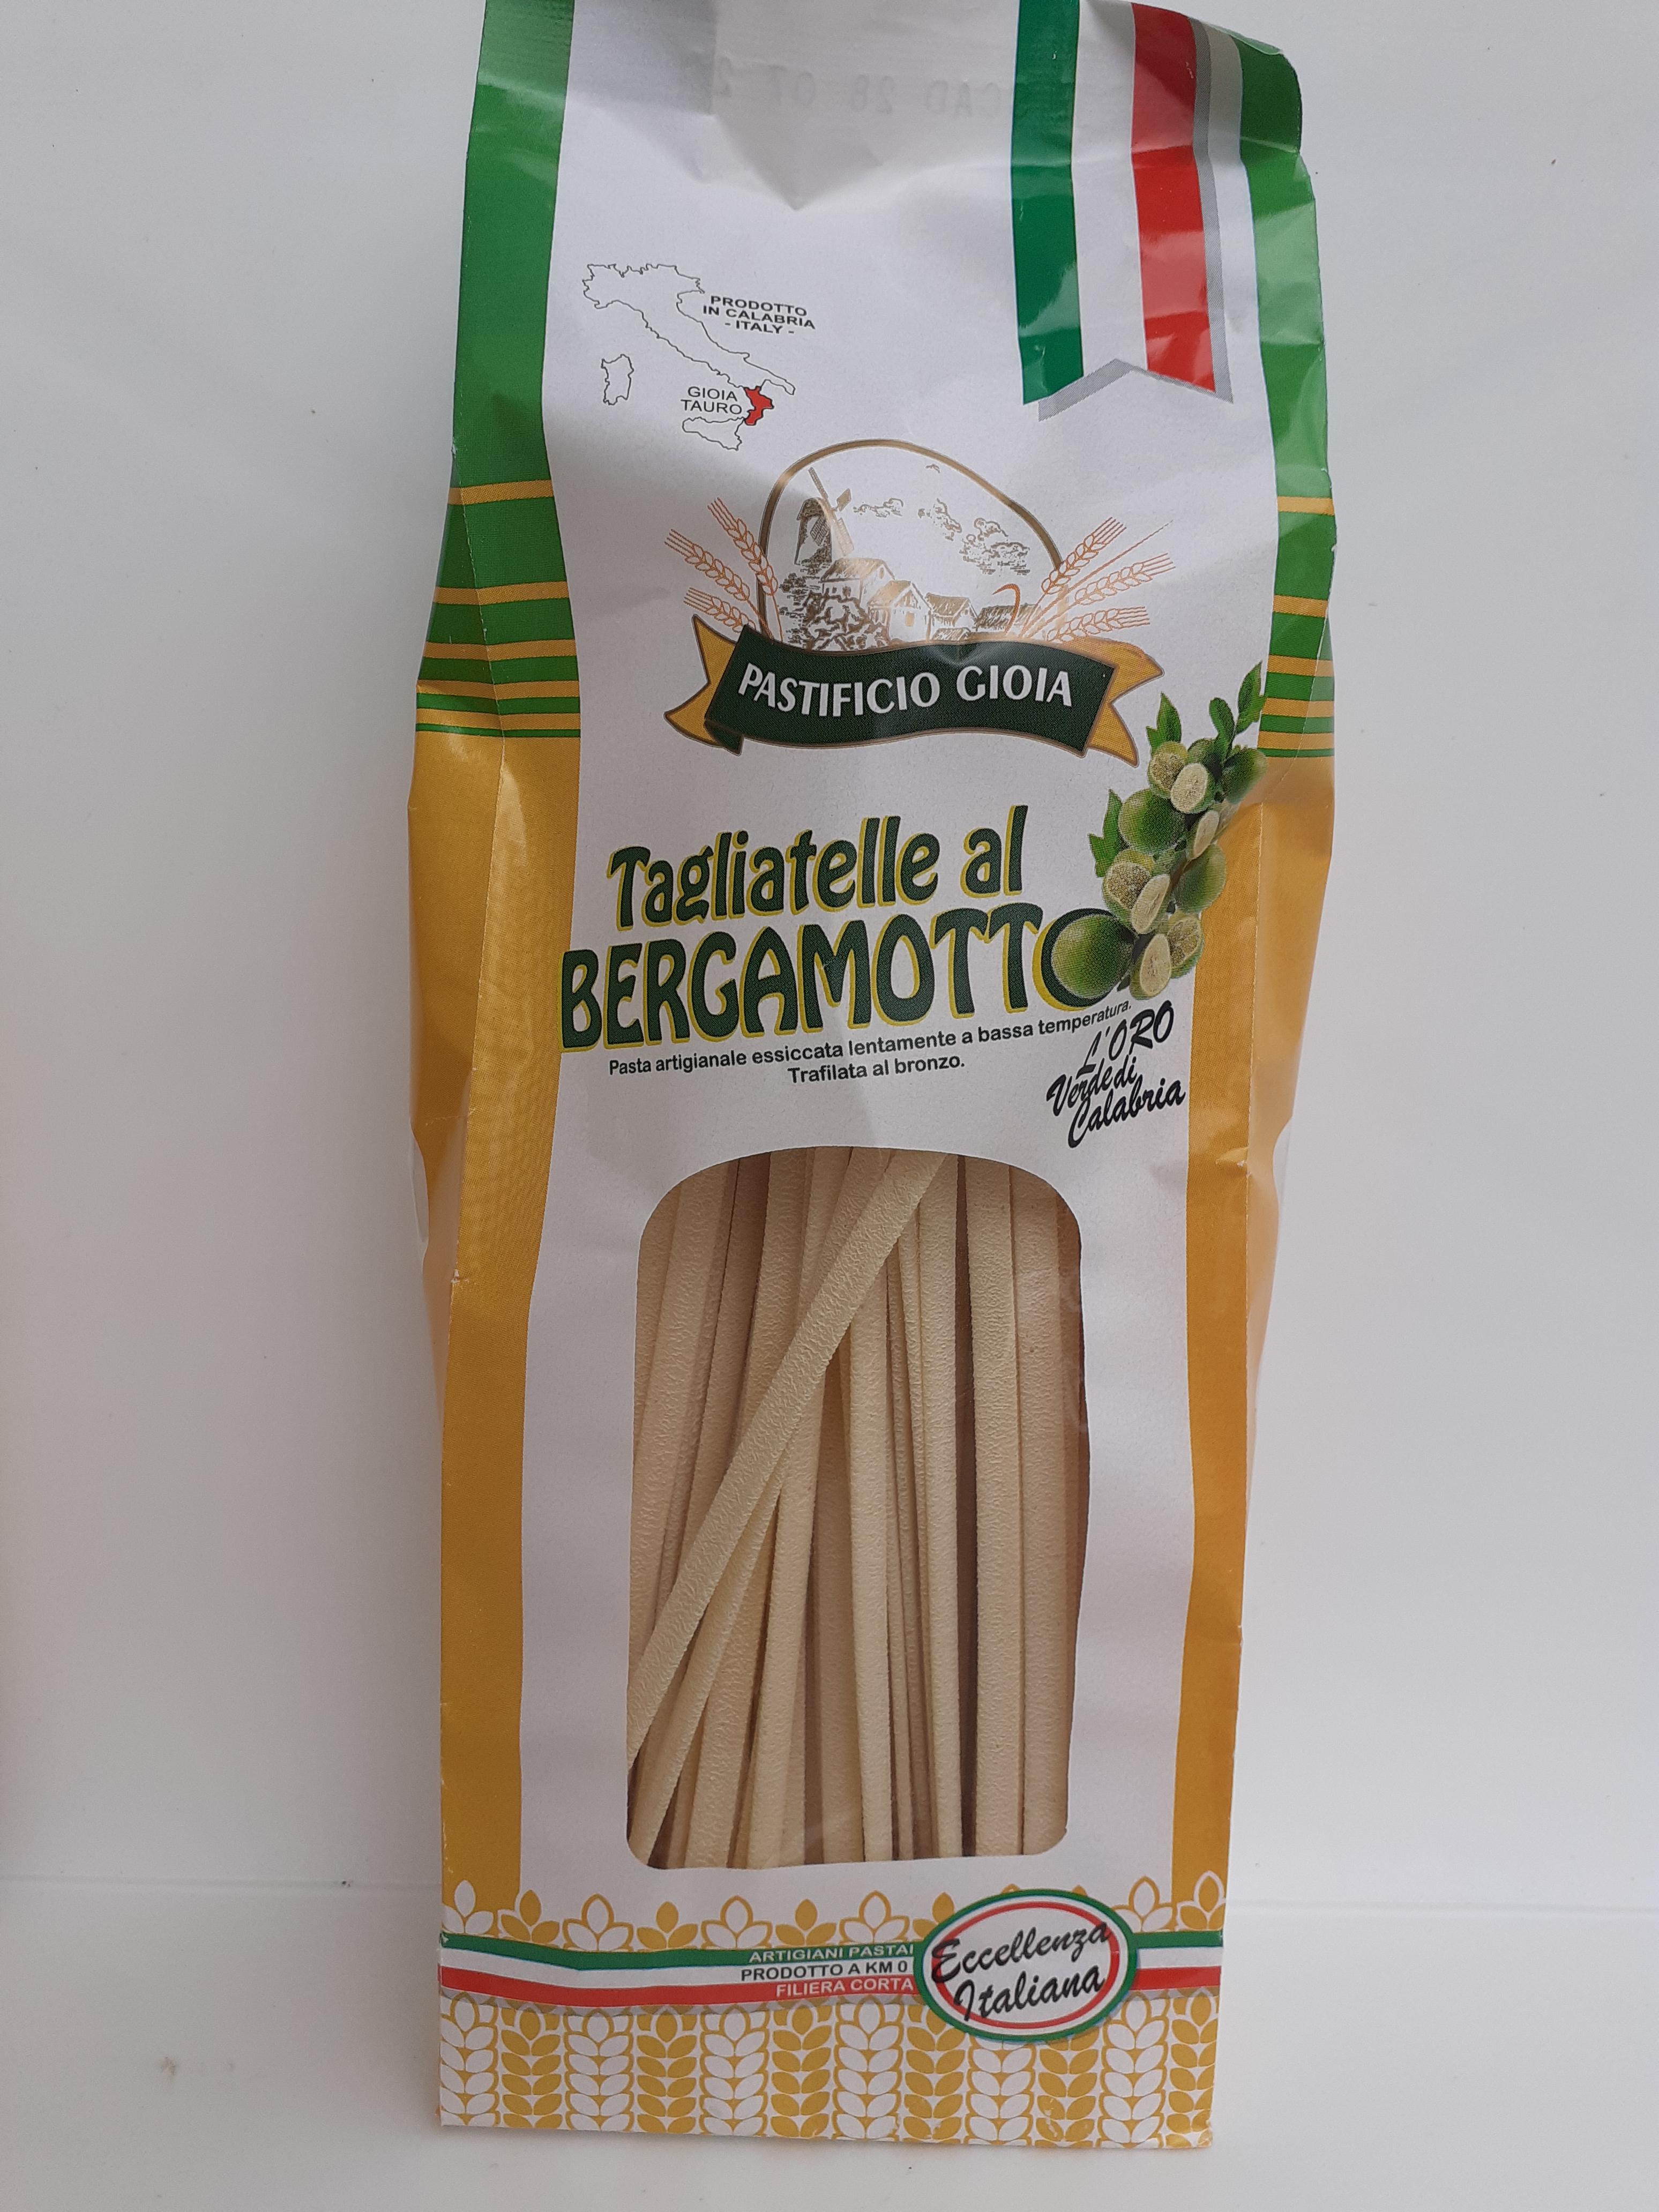 Tagliatelle al Bergamotto 500g. Pasta Artigianale essiccata lentamente a bassa temperatura trafilata nel Bronzo del Pastificio Gioia Gioia Tauro (RC)